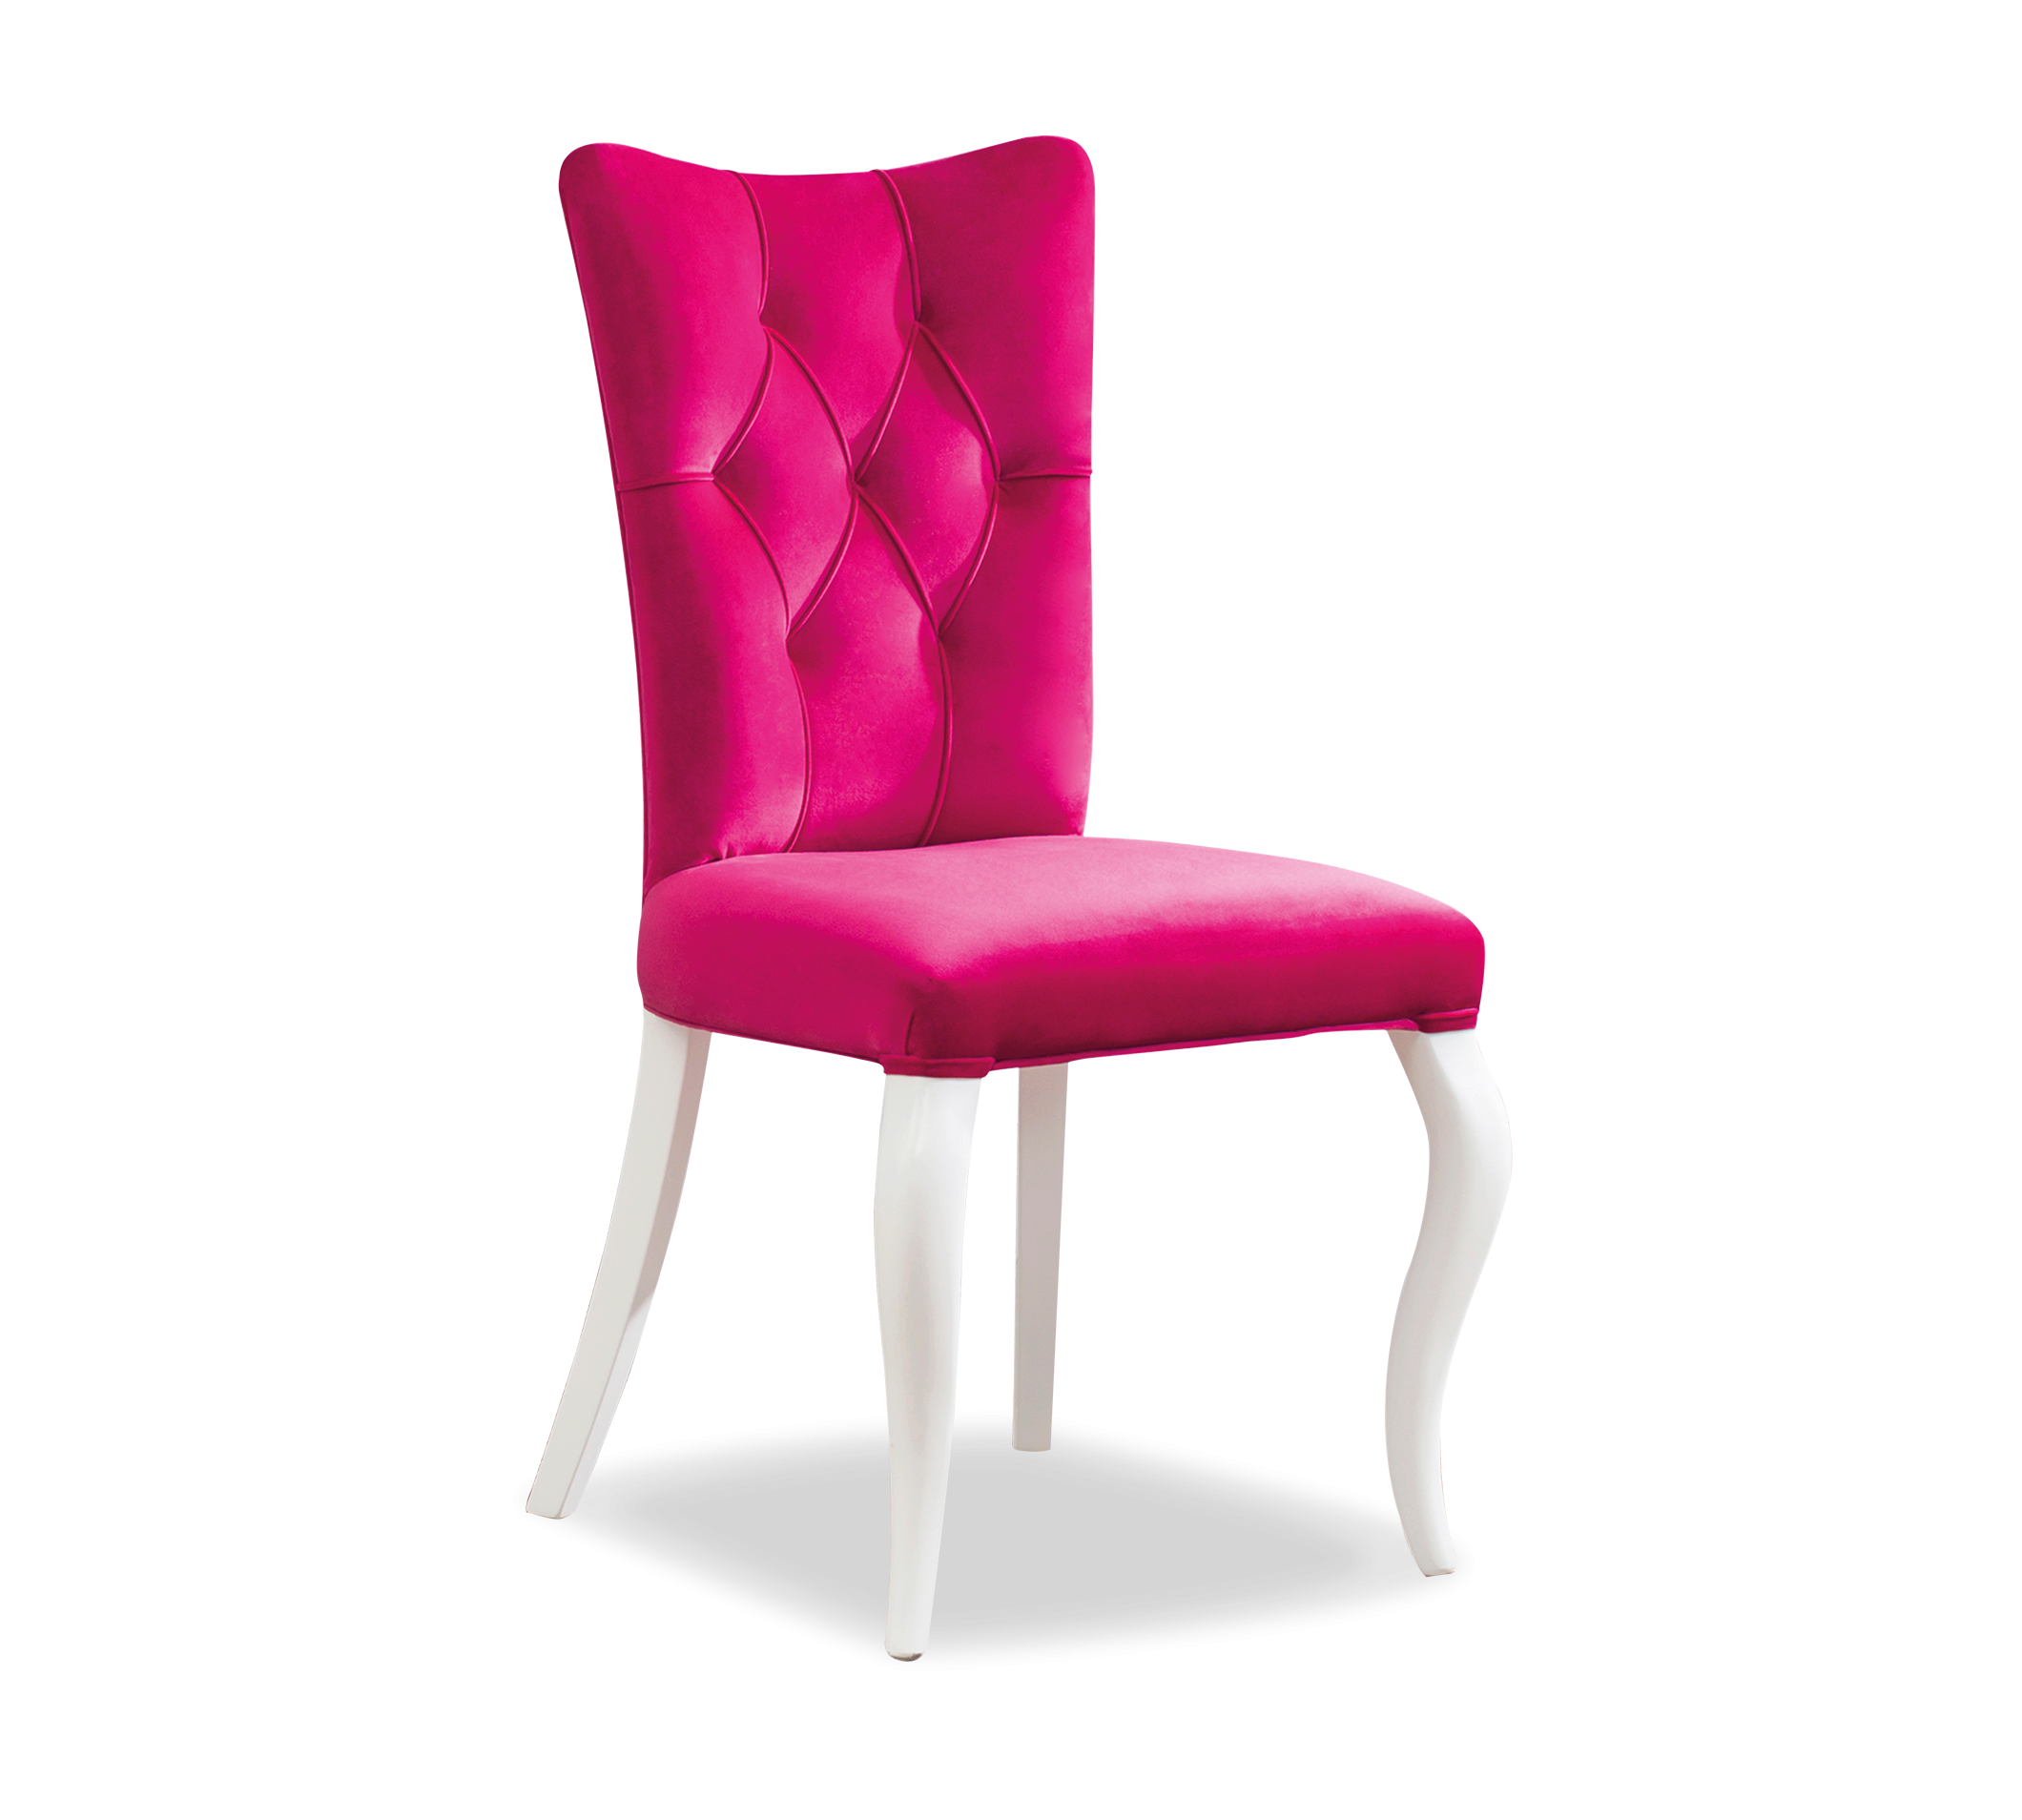 Scaun pentru copii, tapitat cu stofa si picioare din lemn Rosa Pink, l55xA56xH84 cm imagine